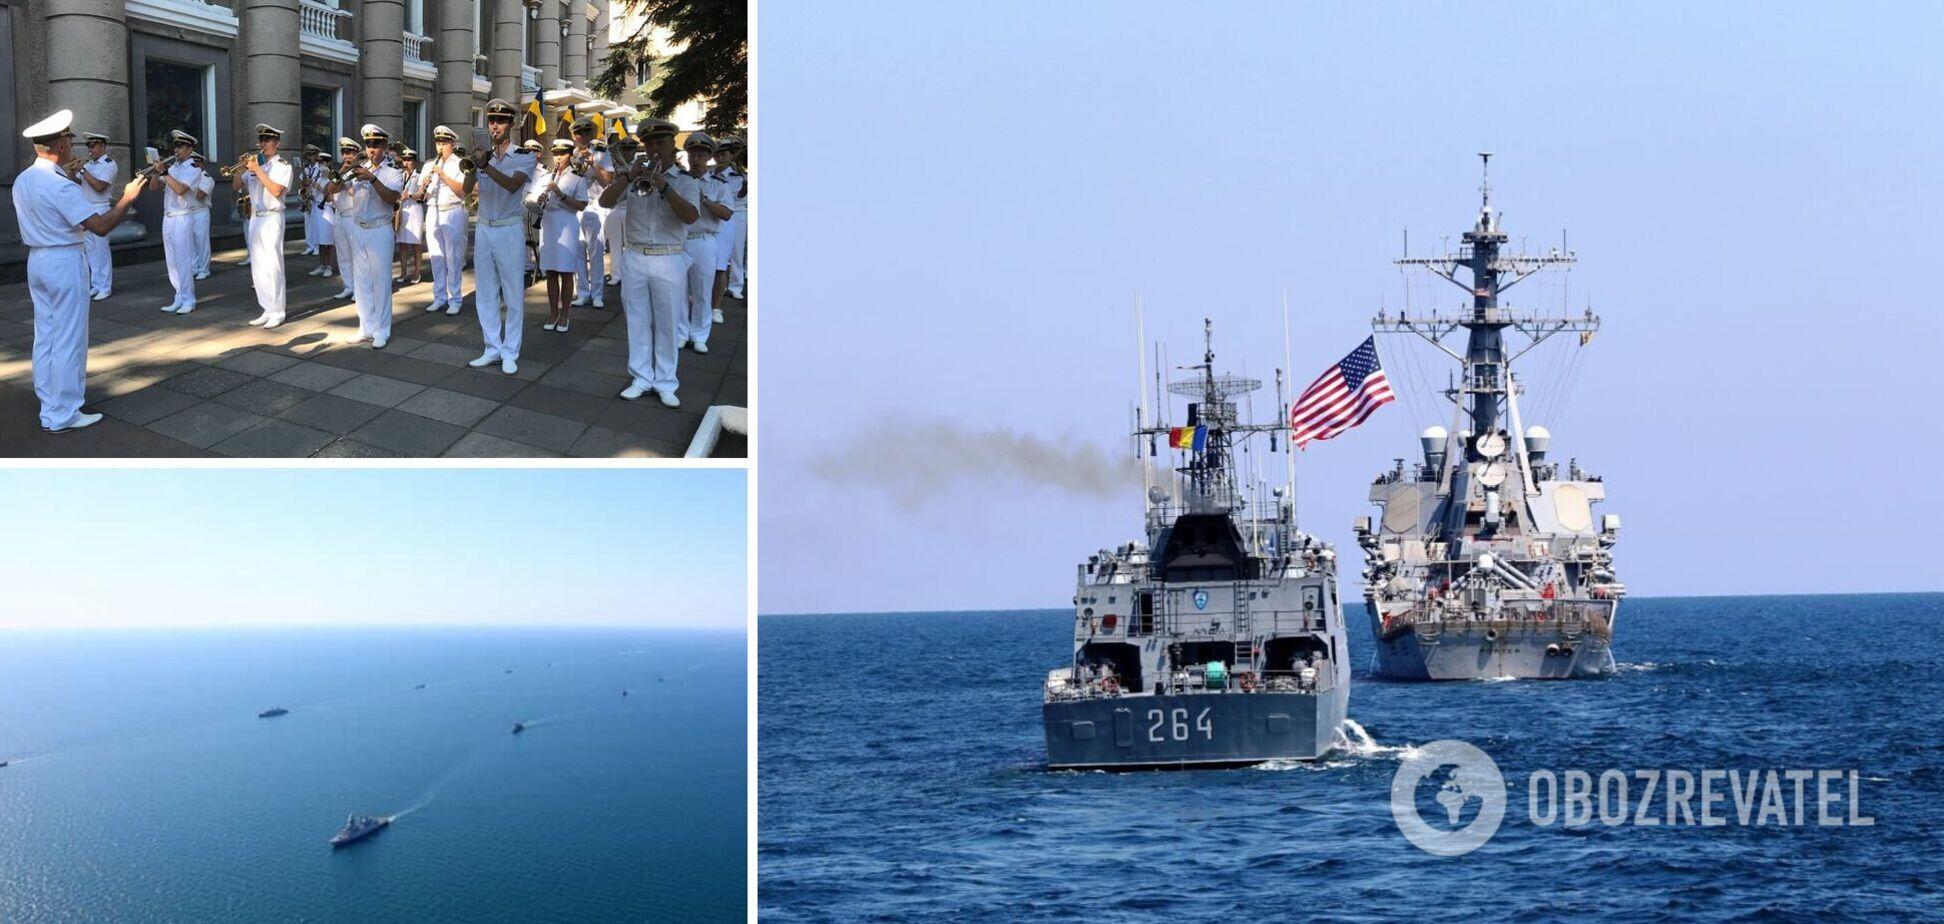 В Україні завершилися навчання Sea Breeze-2021: військові підбили підсумки. Фото та відео